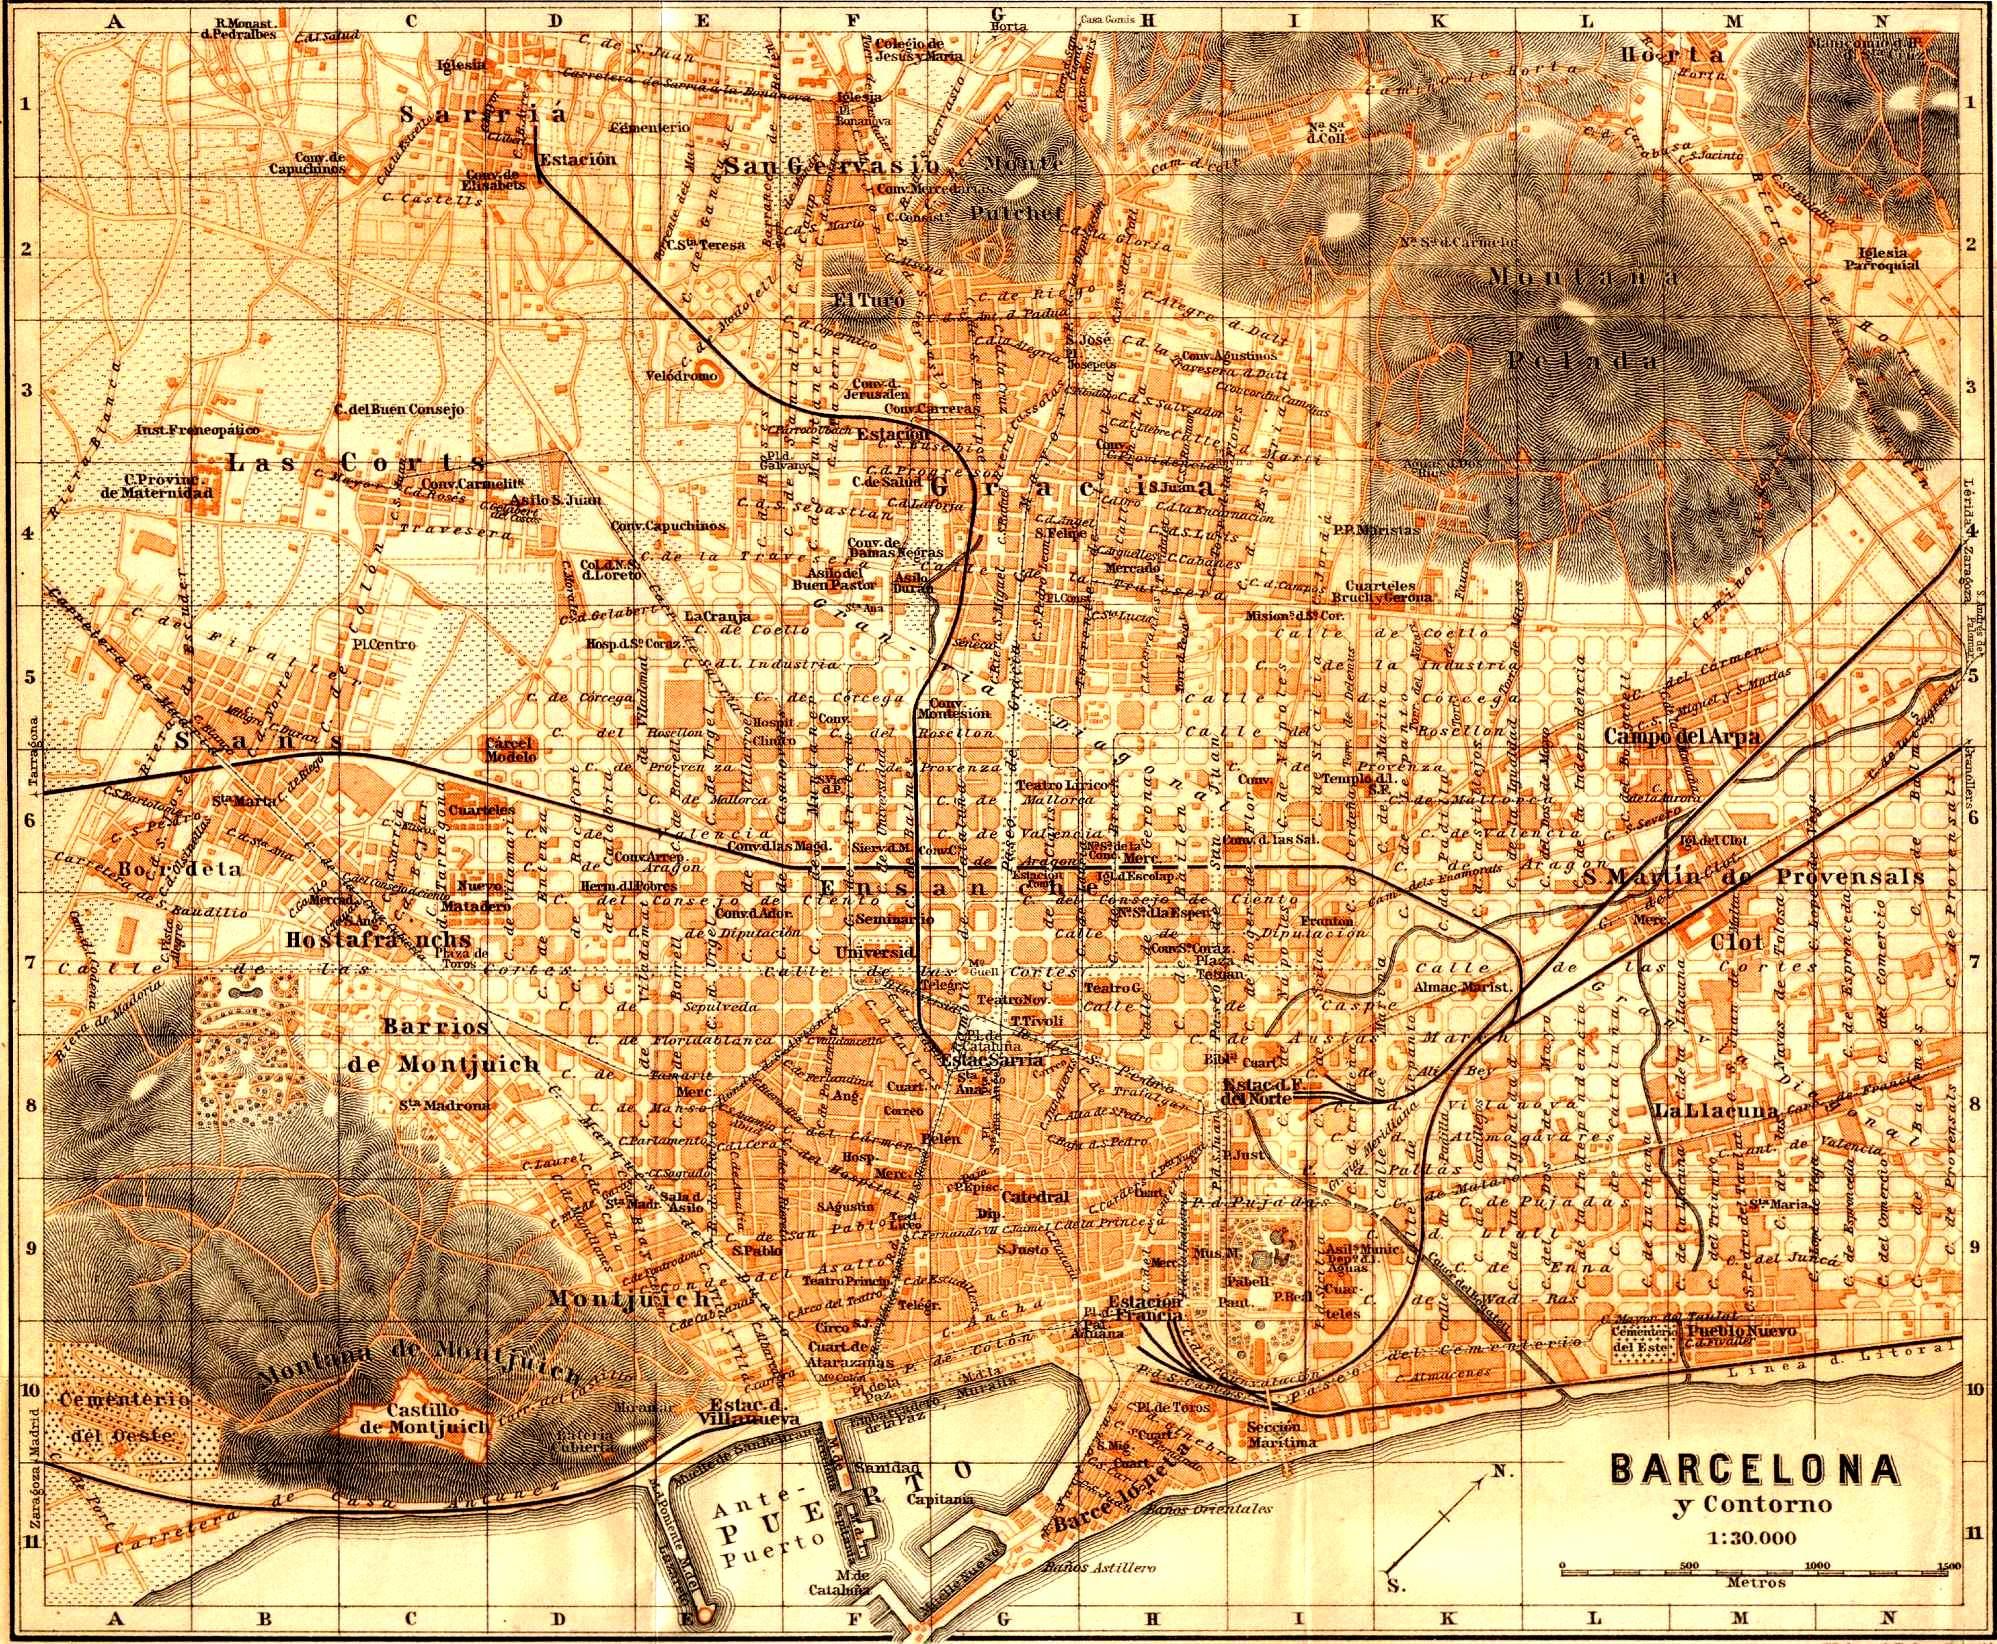 plànol de barcelona de 1901